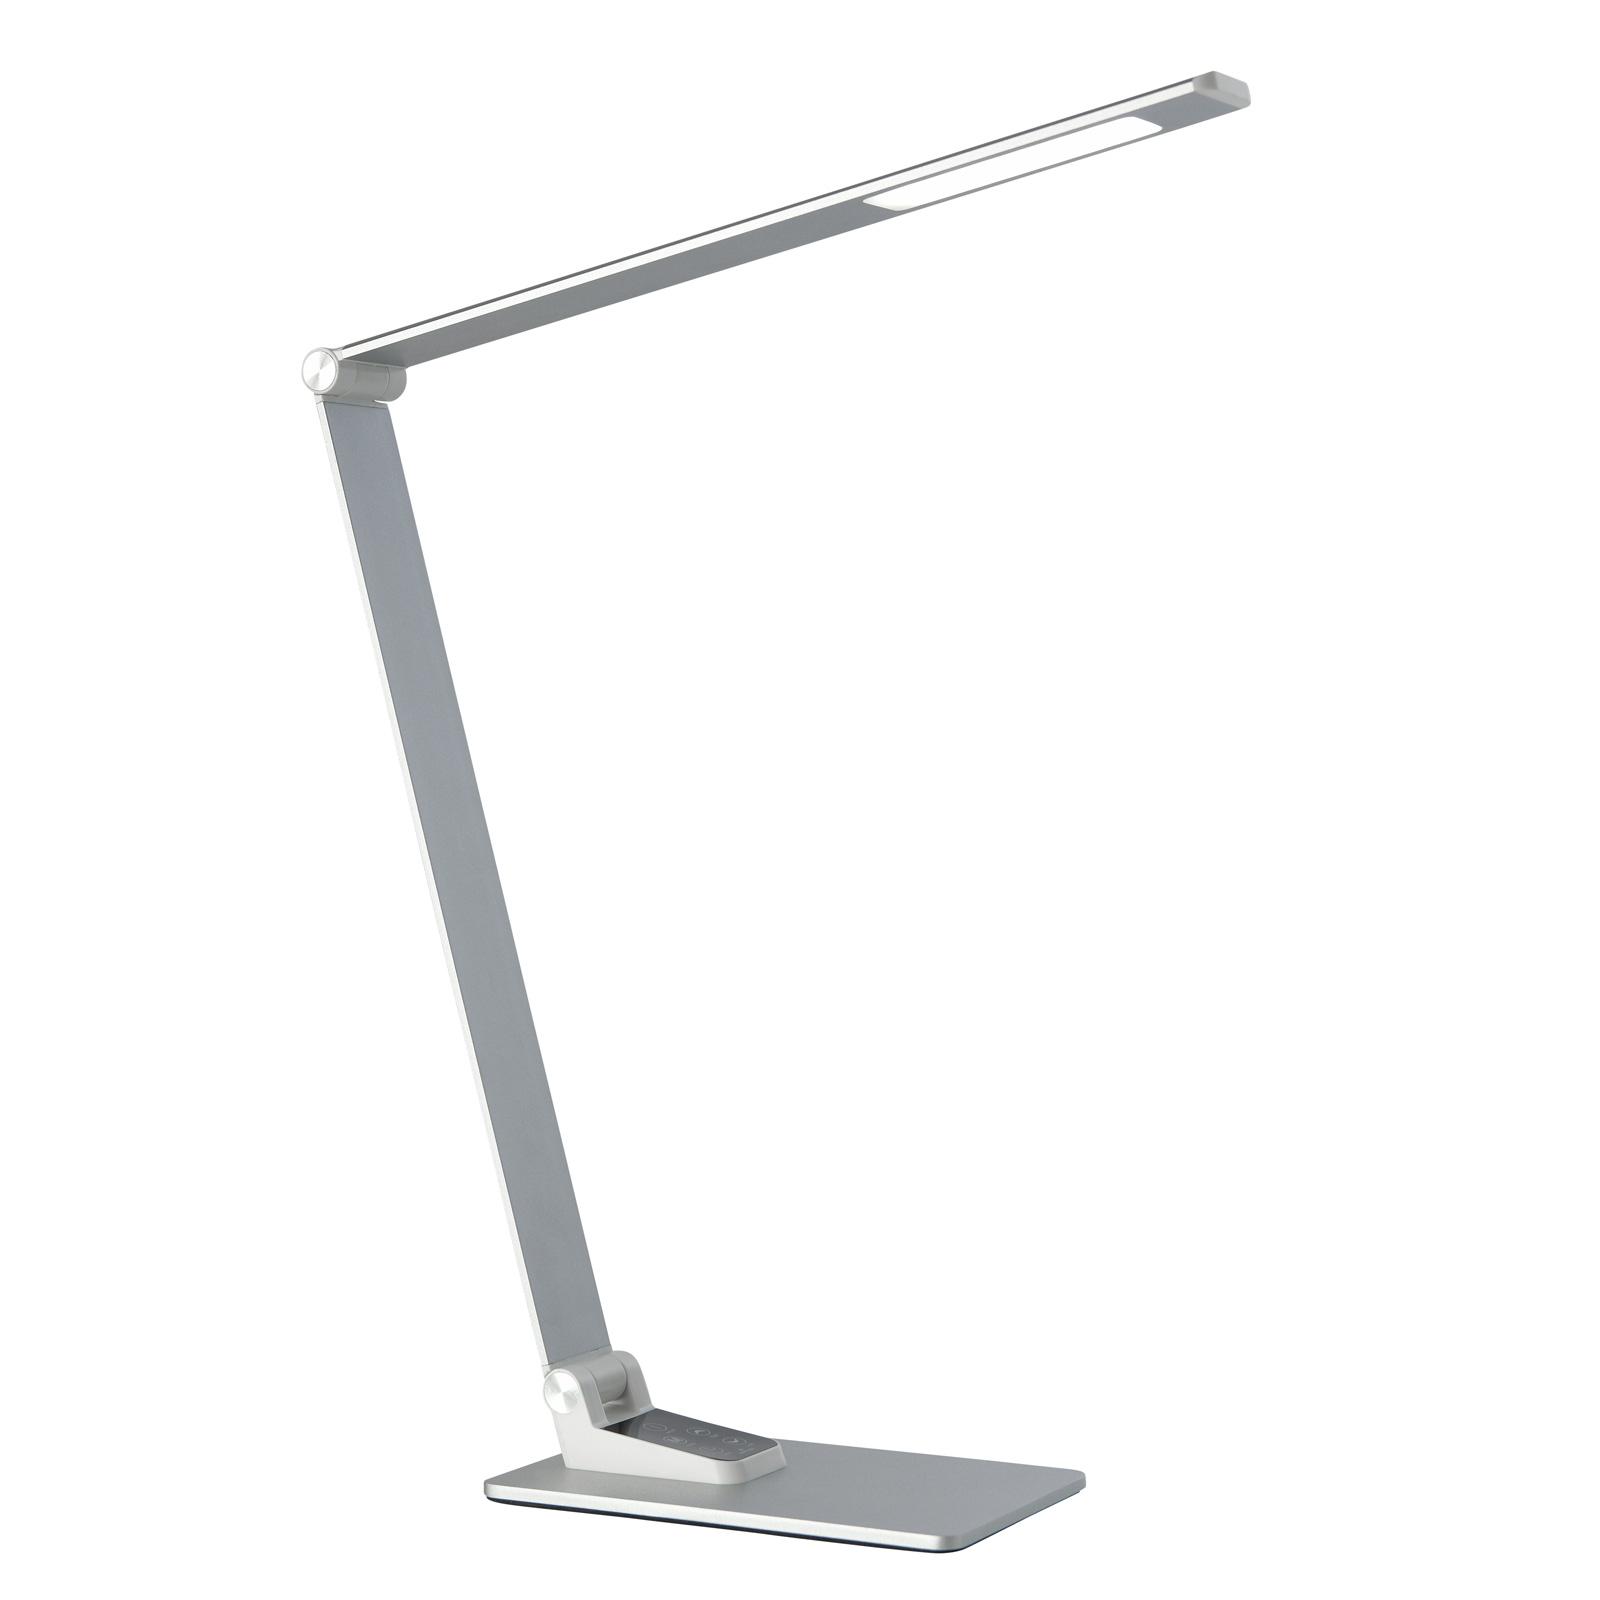 Työpöytälamppu Uli 2, jossa USB-latausasema